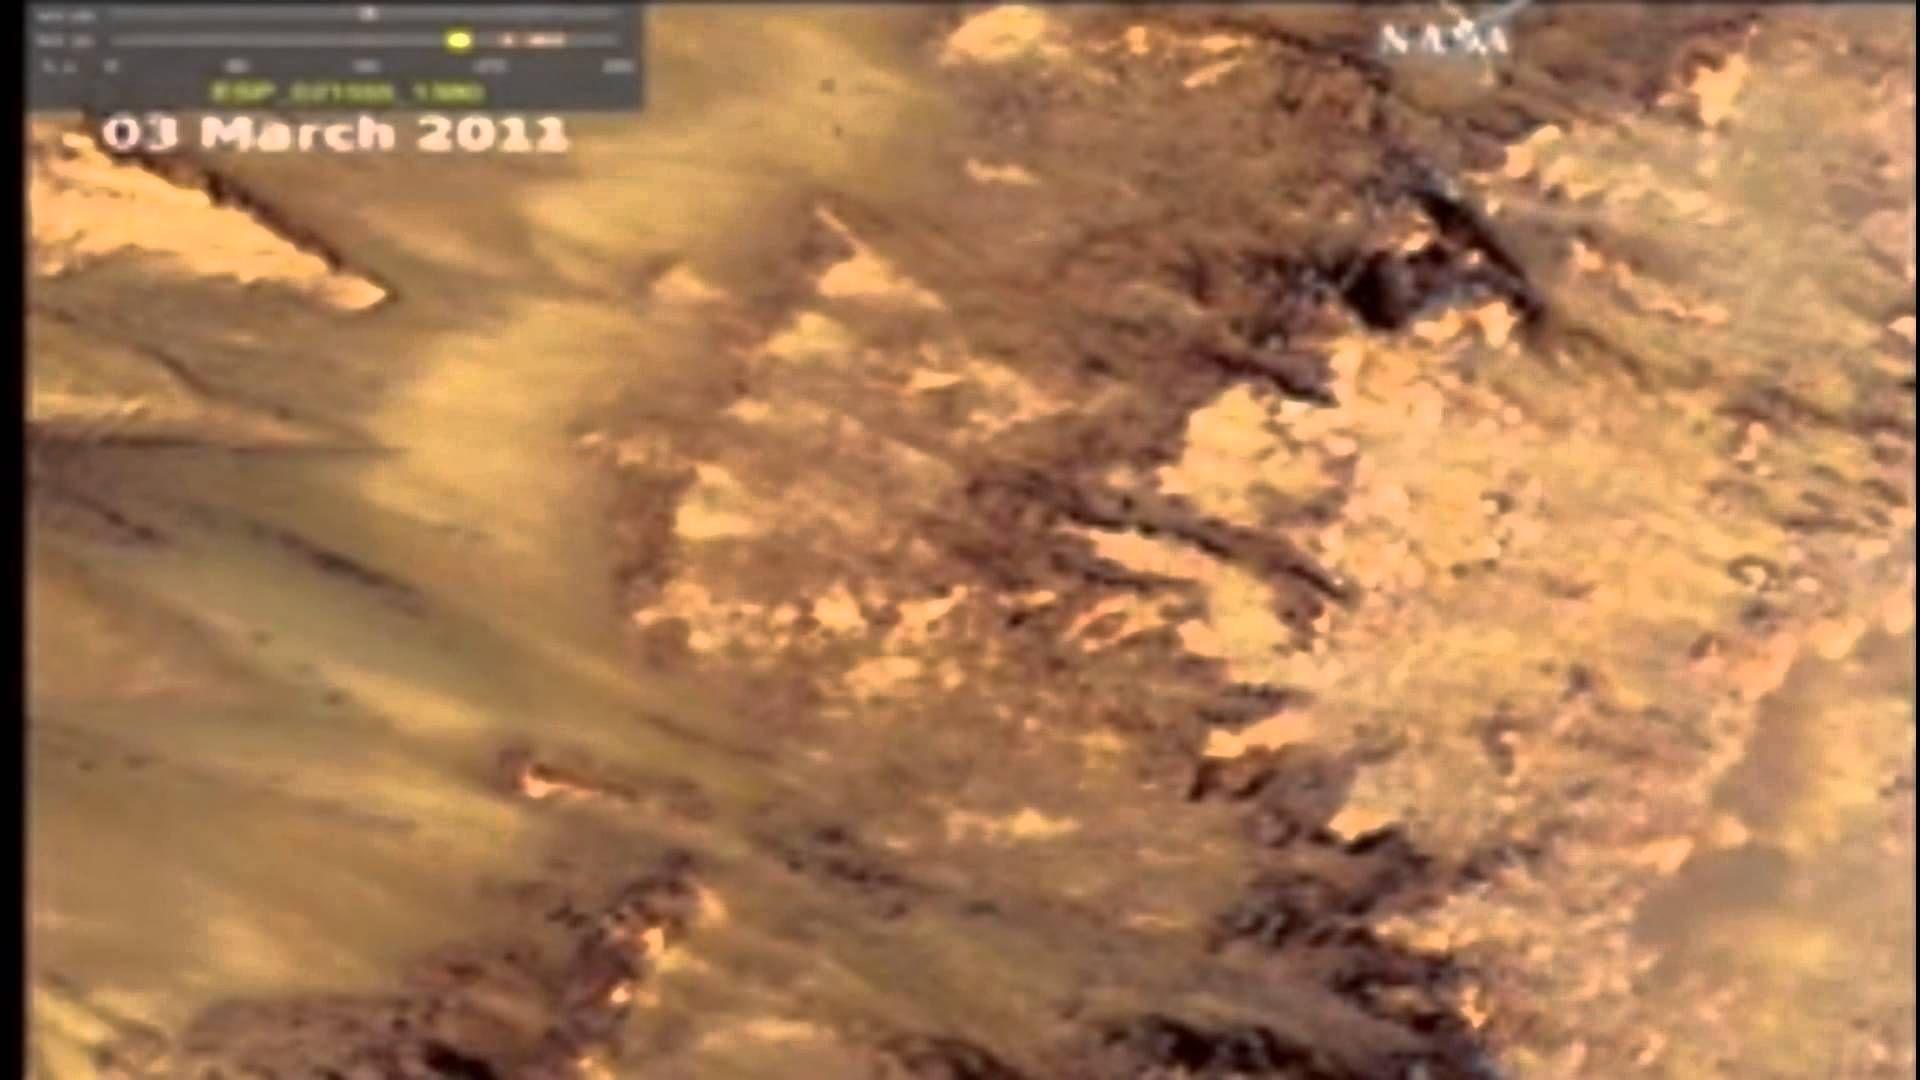 Flowing Water Liquid  On Mars